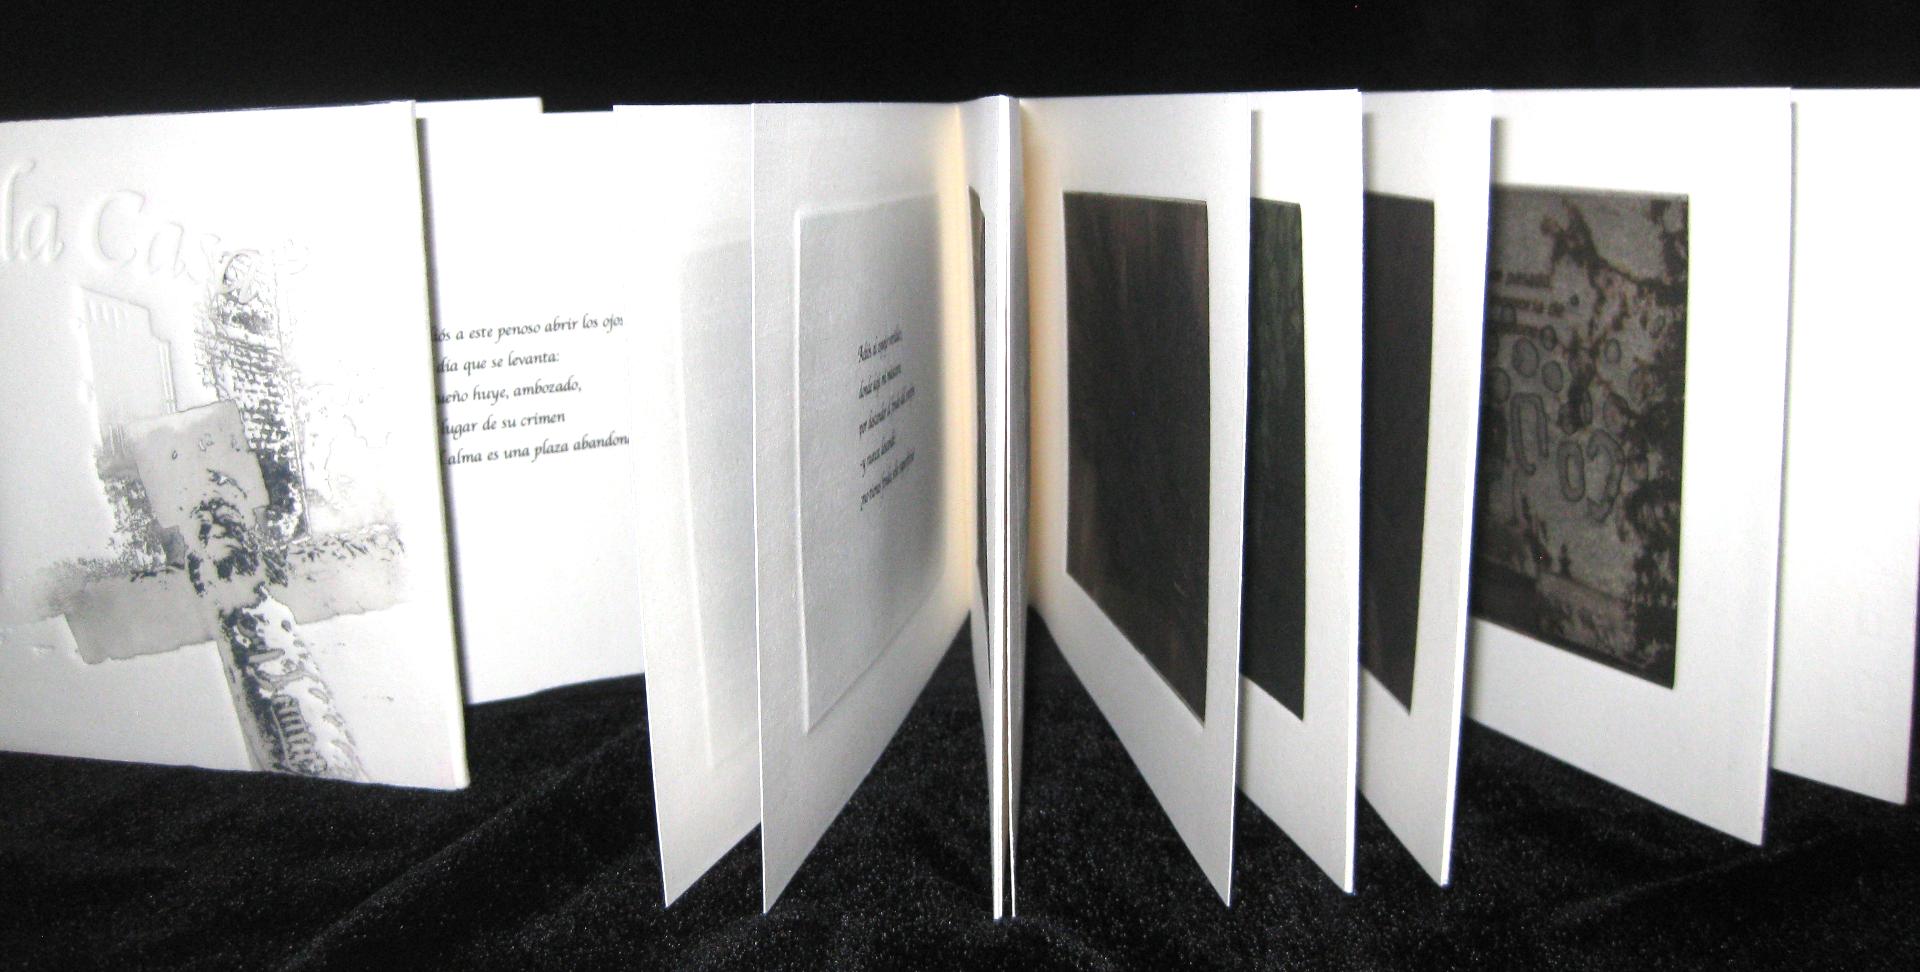 Adiós a la Casa. Poem by Octavio Paz